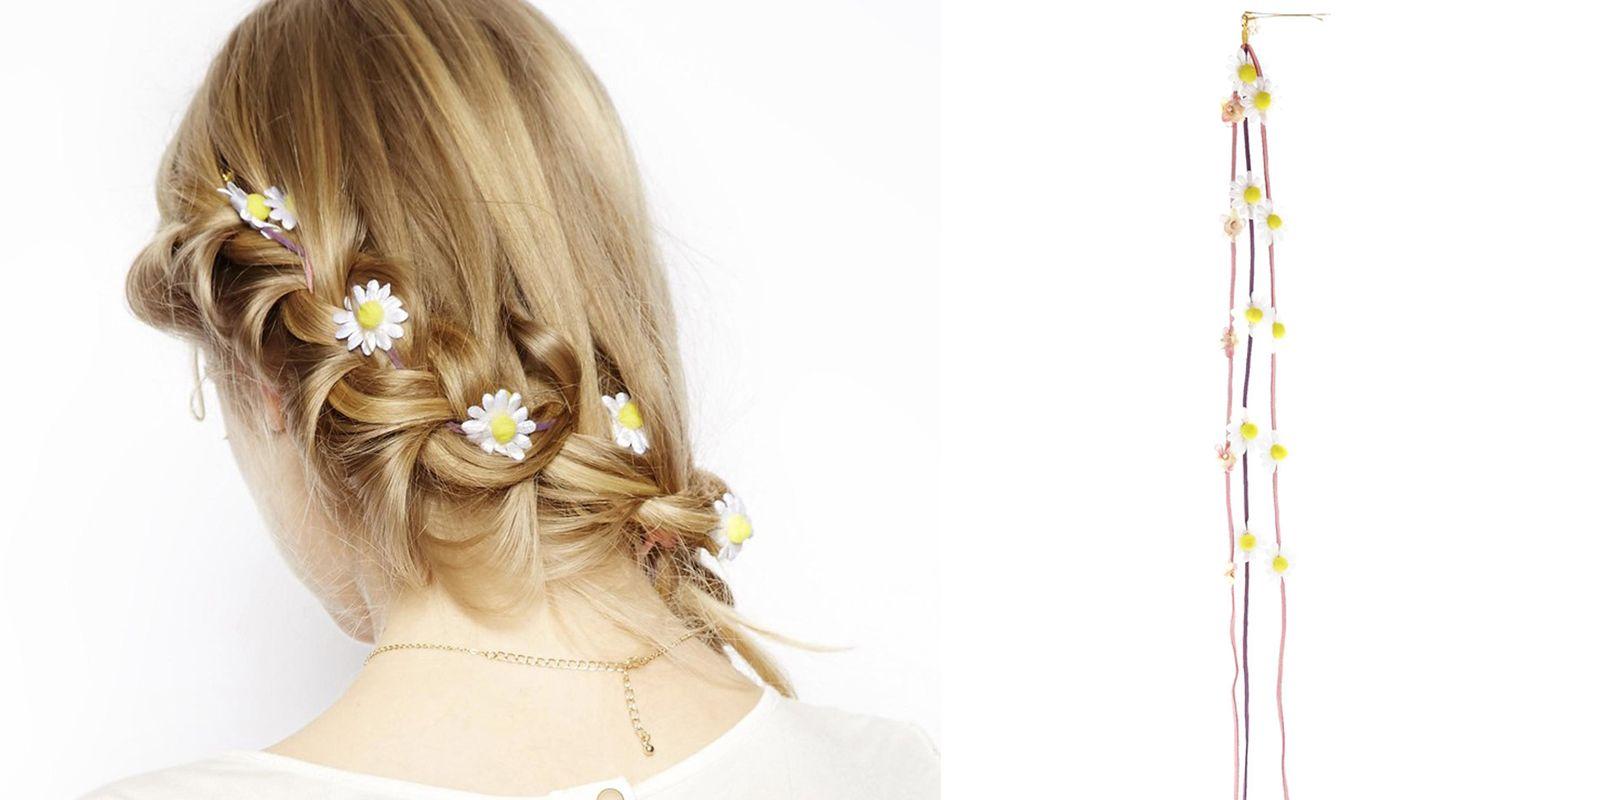 14 Cute Hair Accessories Spring Headbands Hair Clips